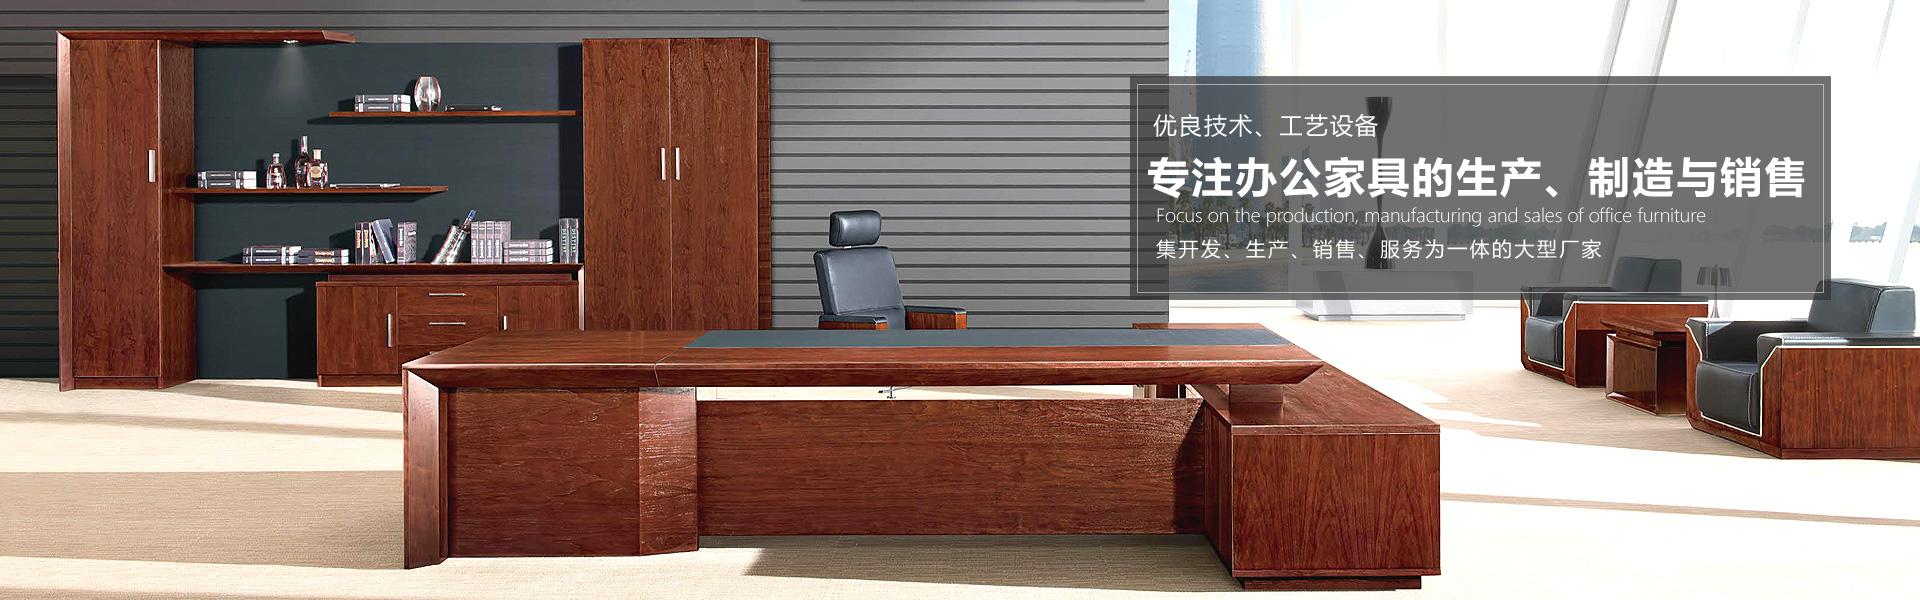 潍坊云茂钢木制品有限公司